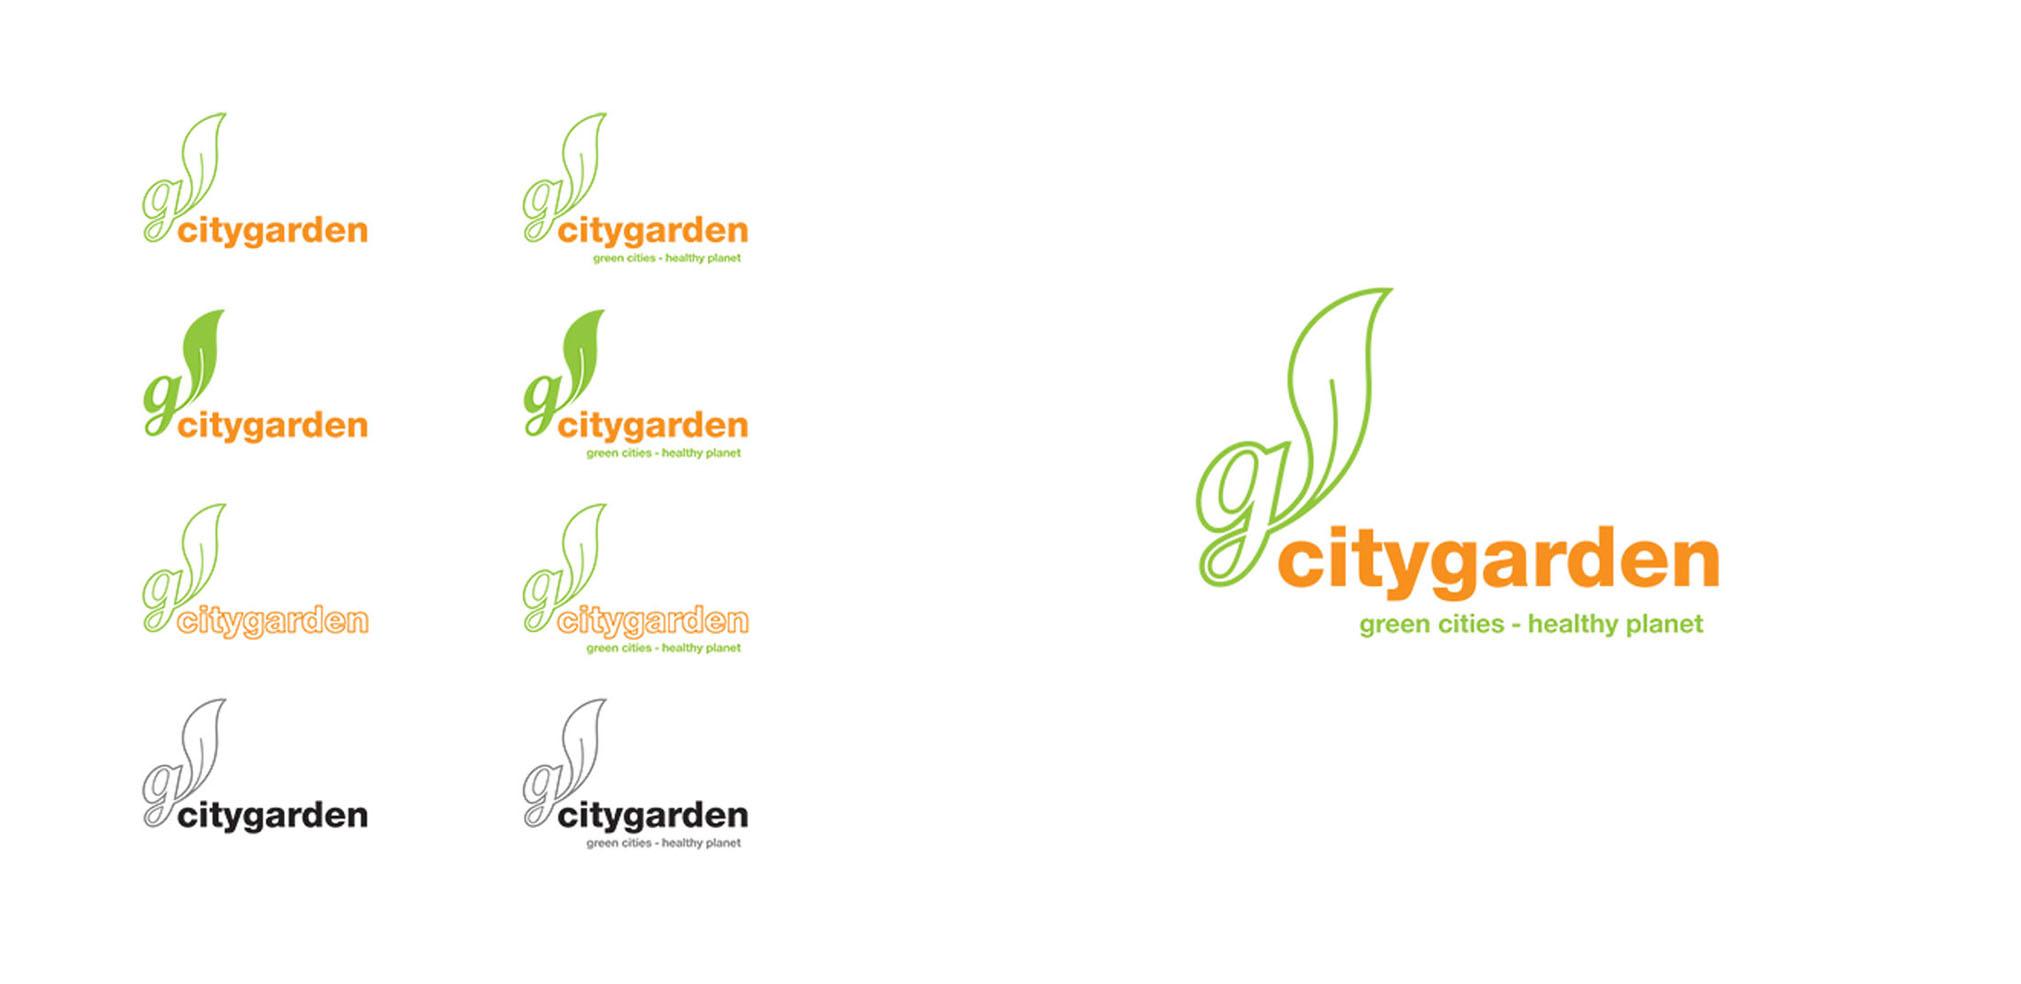 web-Brandbook-citygarden-2.jpg